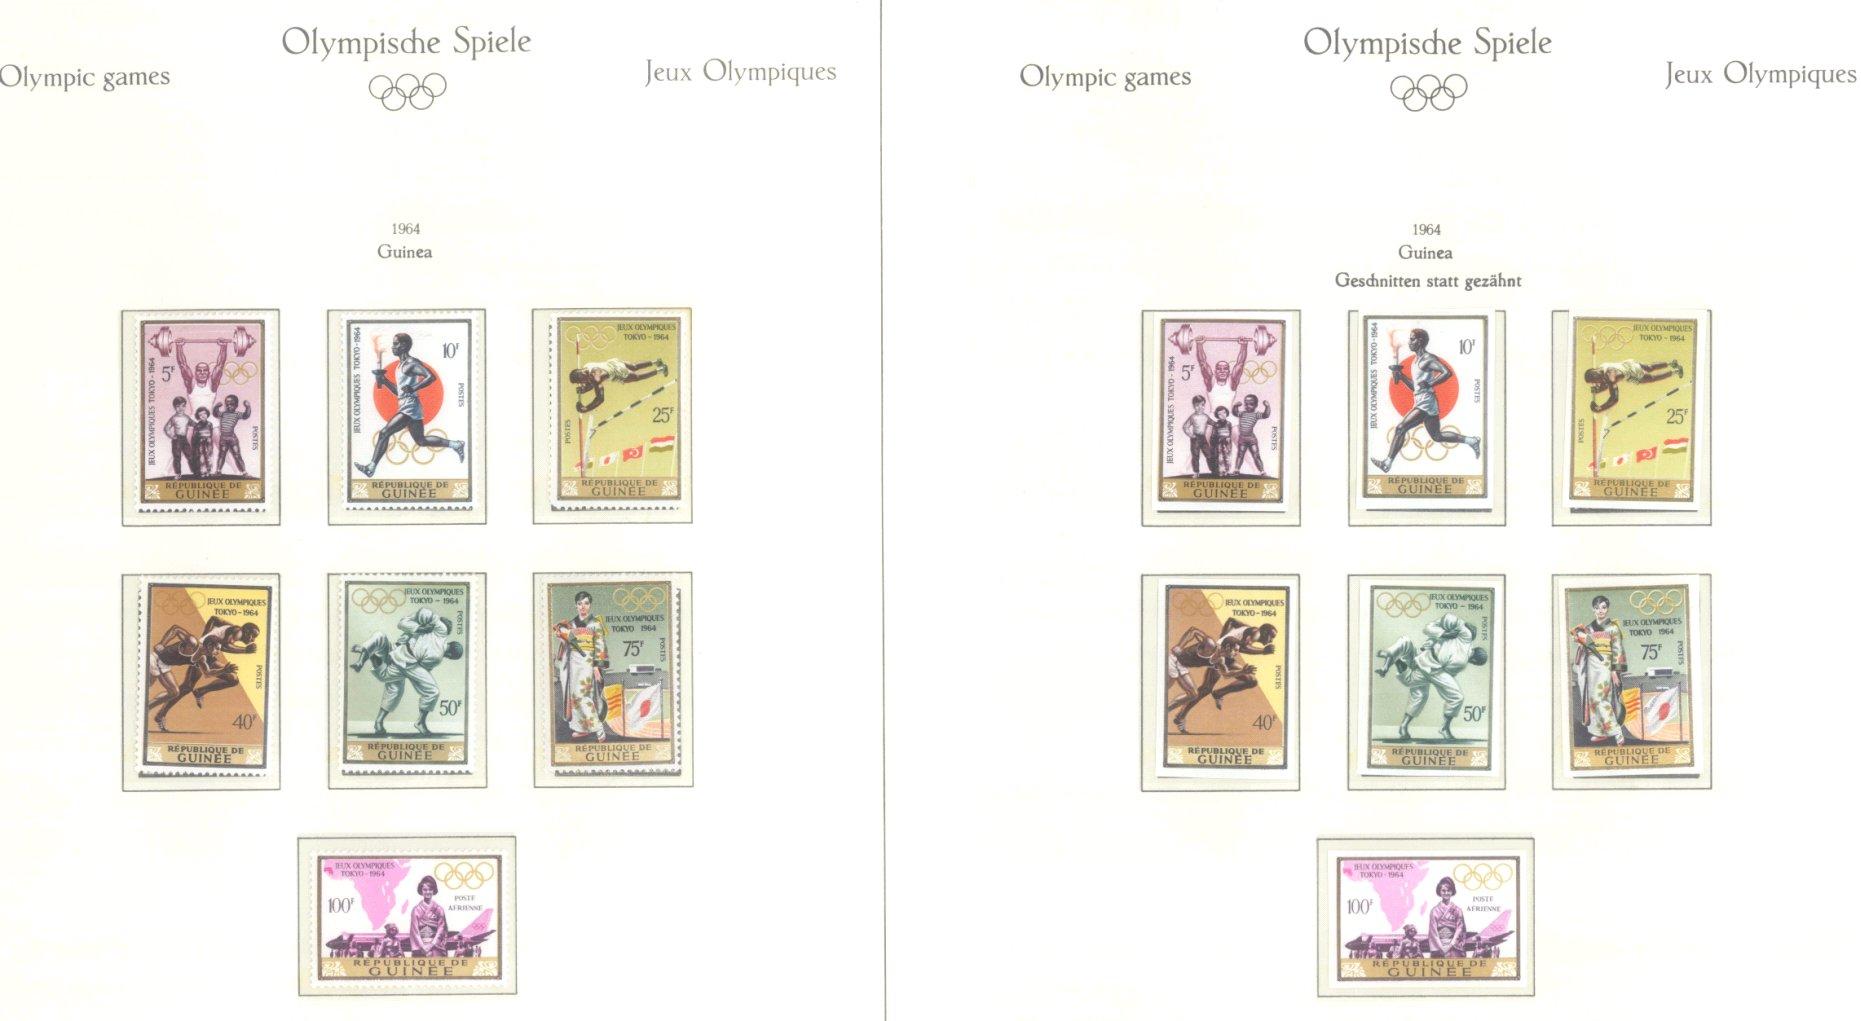 OLYMPISCHE SPIELE 1964 TOKIO, postfrische Sammlung Teil 1-18